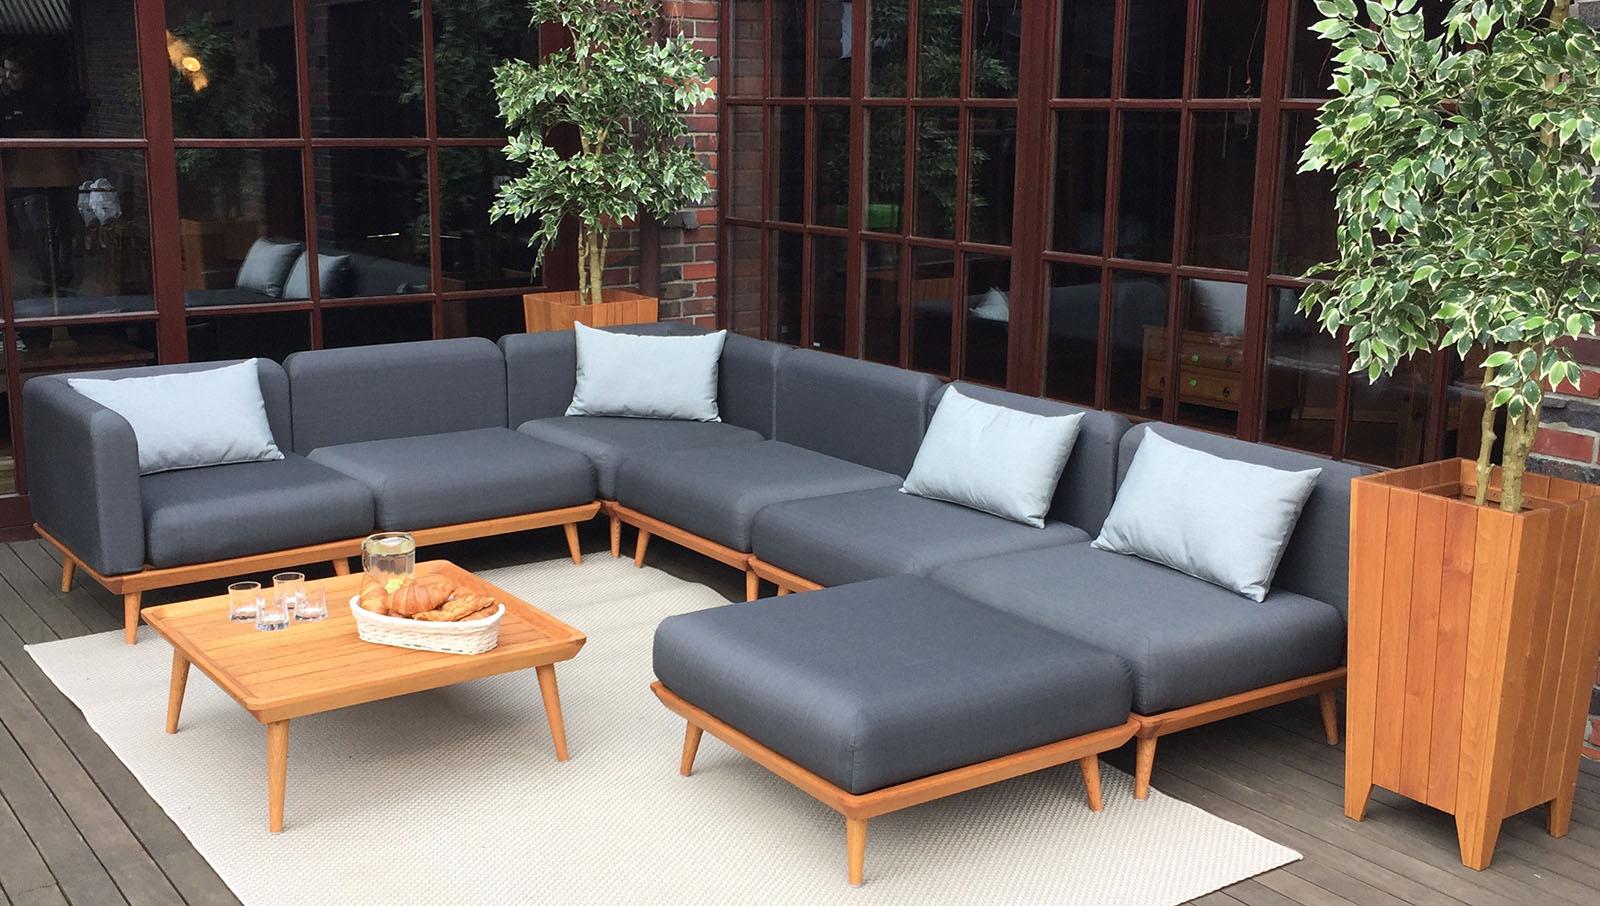 Modish Wypoczynkowe meble ogrodowe, łóżka, narożniki do ogrodu EM84